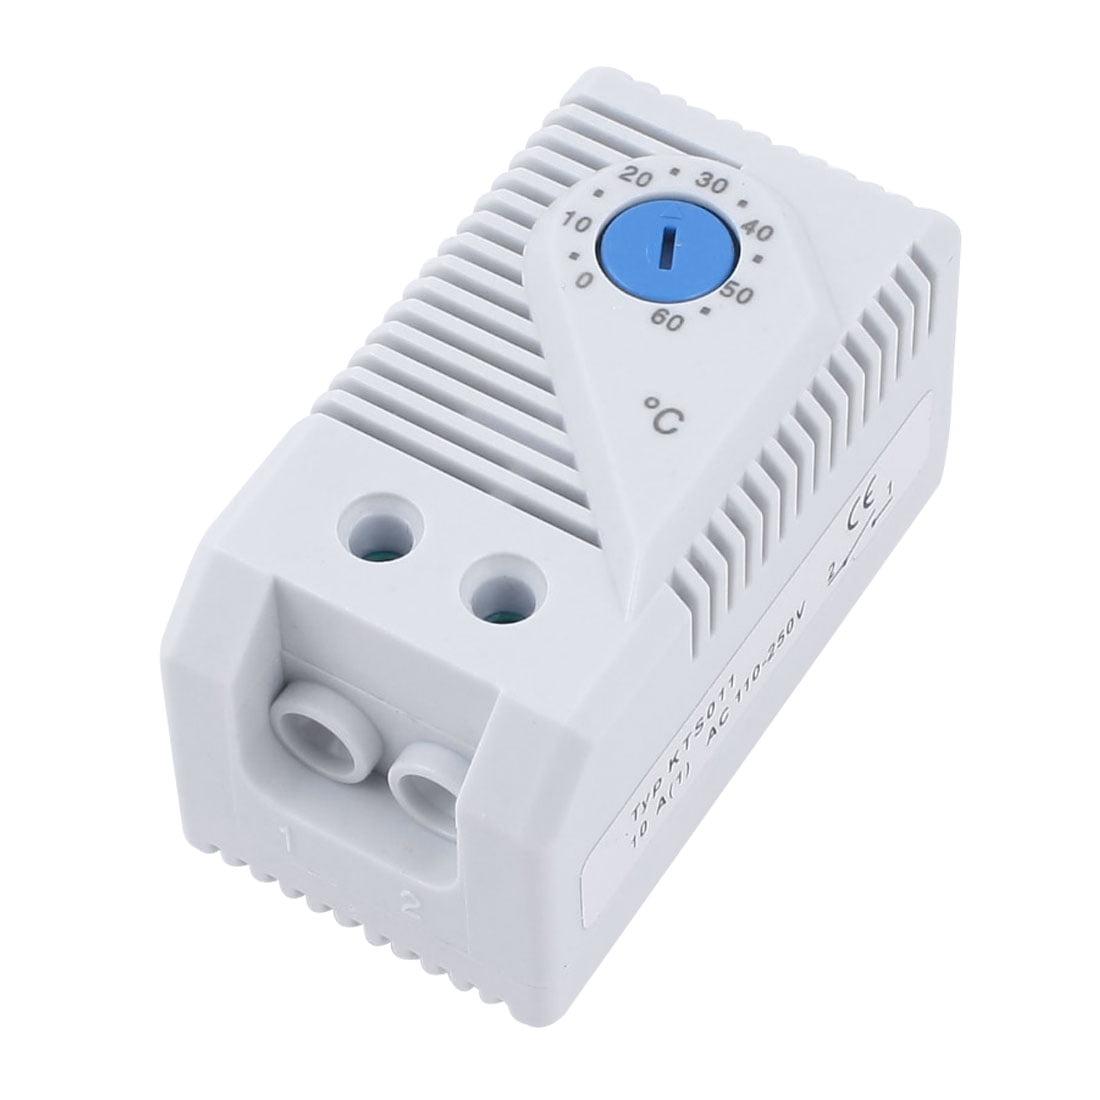 KTS011 0-60 Celsius Degree Bimetallic Thermostat Temperature Controller